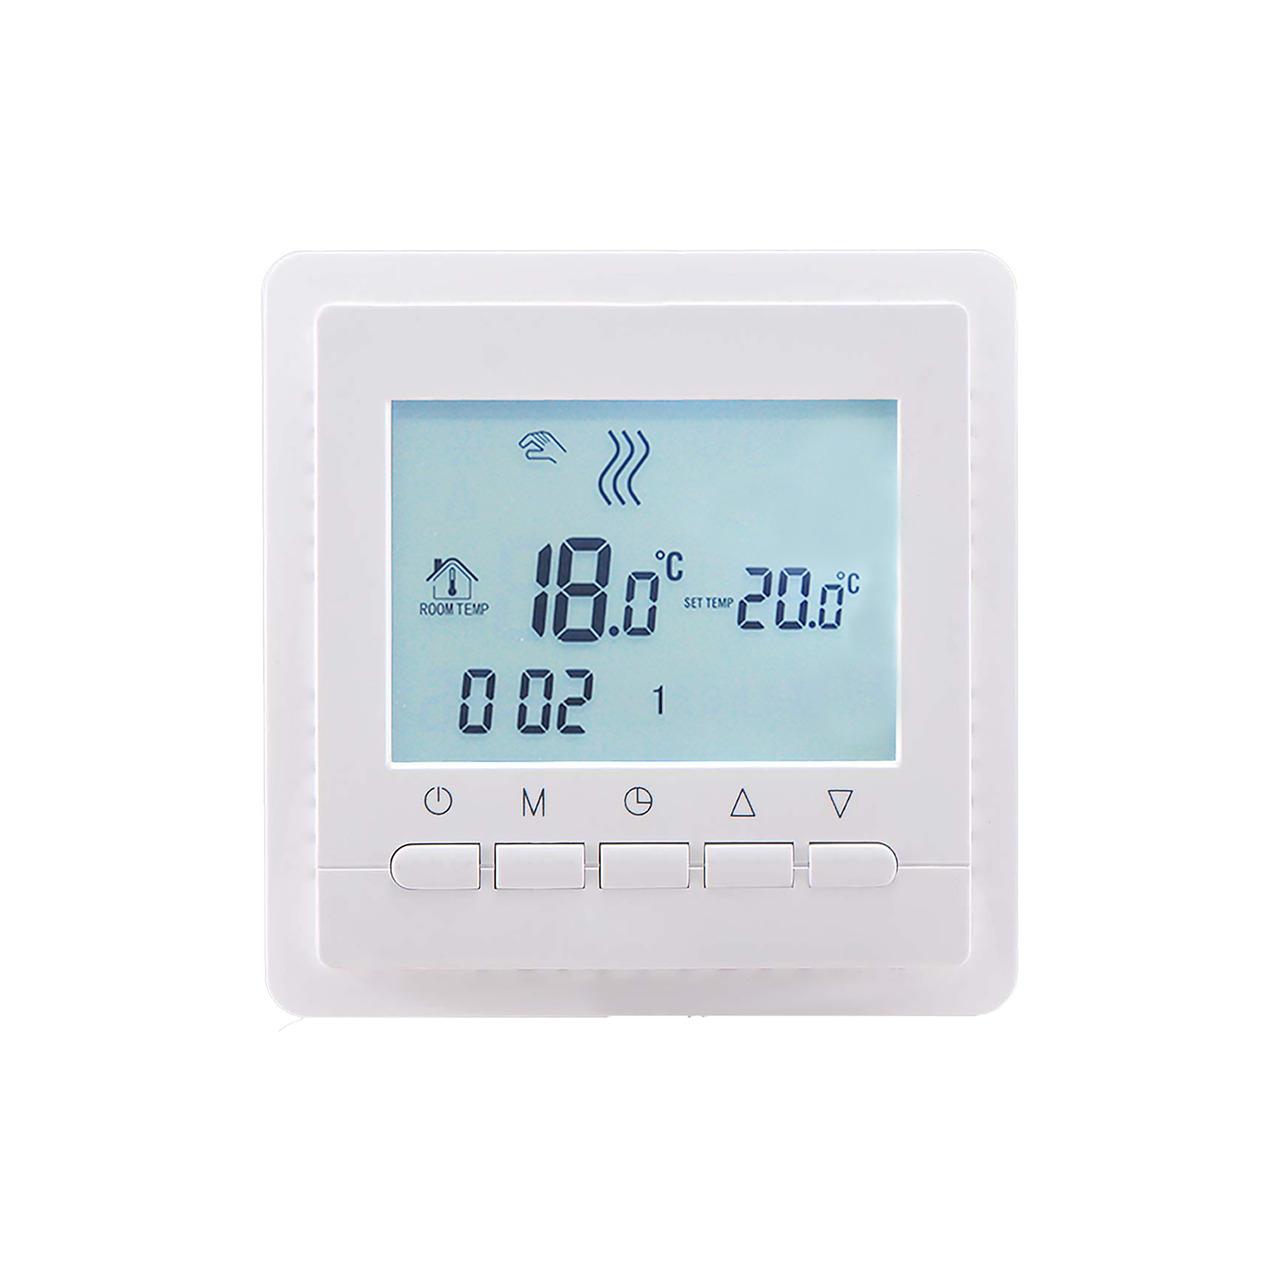 Perobe Digitaler Fussbodentemperaturregler mit Bodenfühler mit Zeitschaltuhr